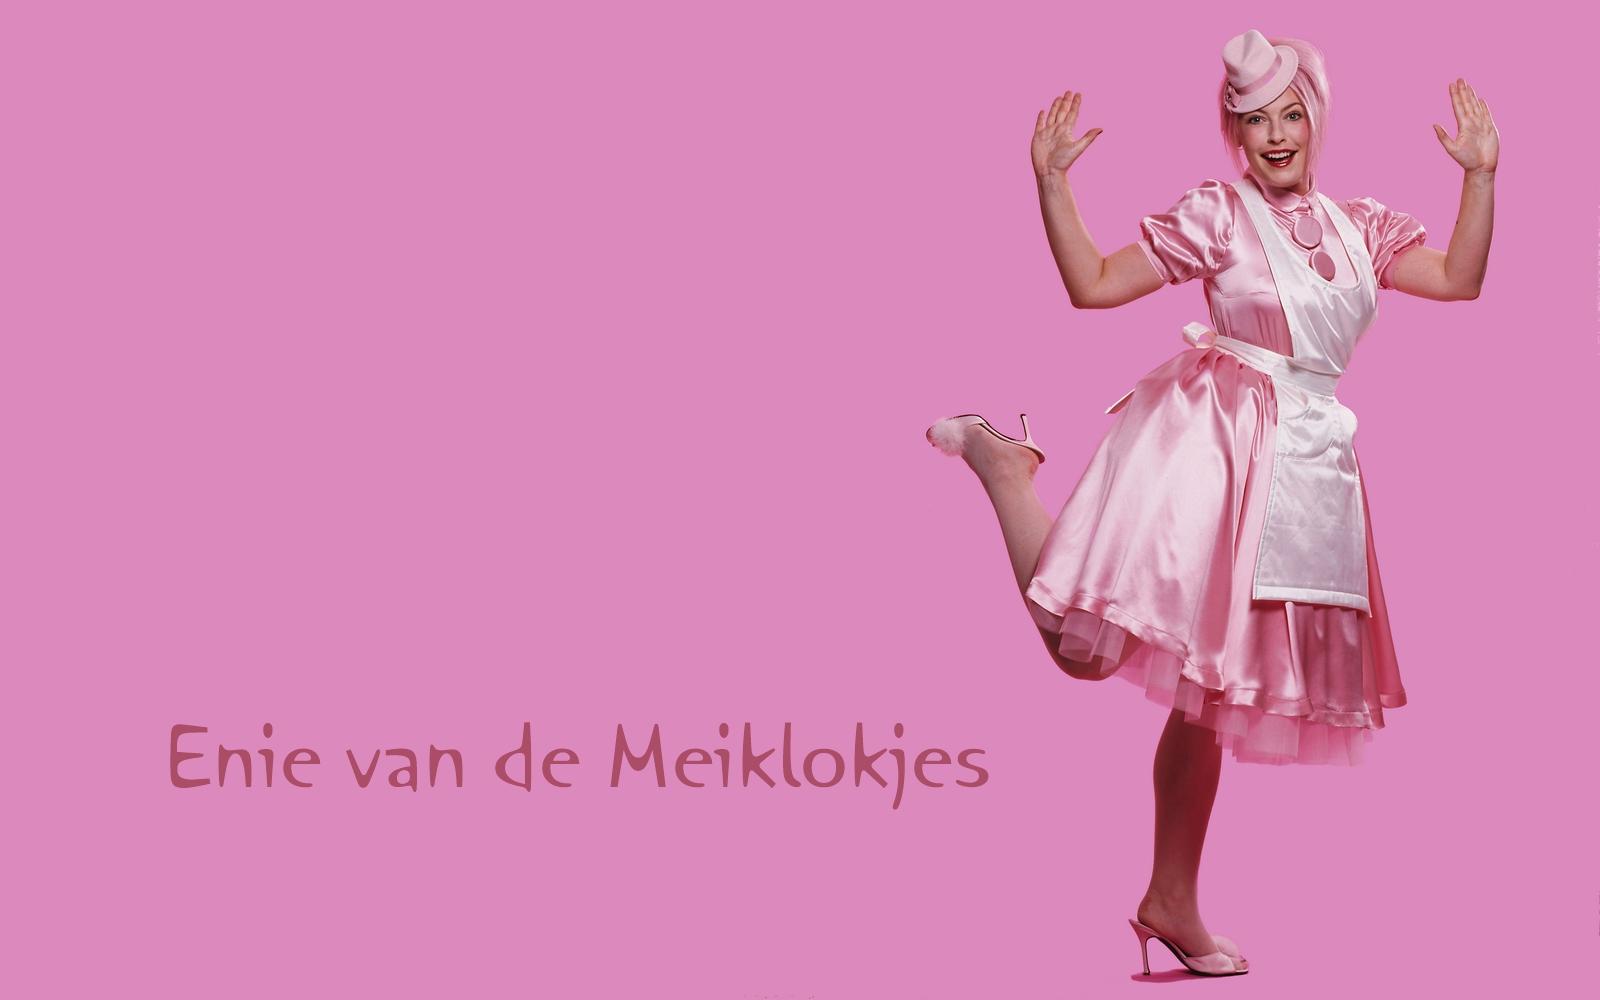 Enie Van De